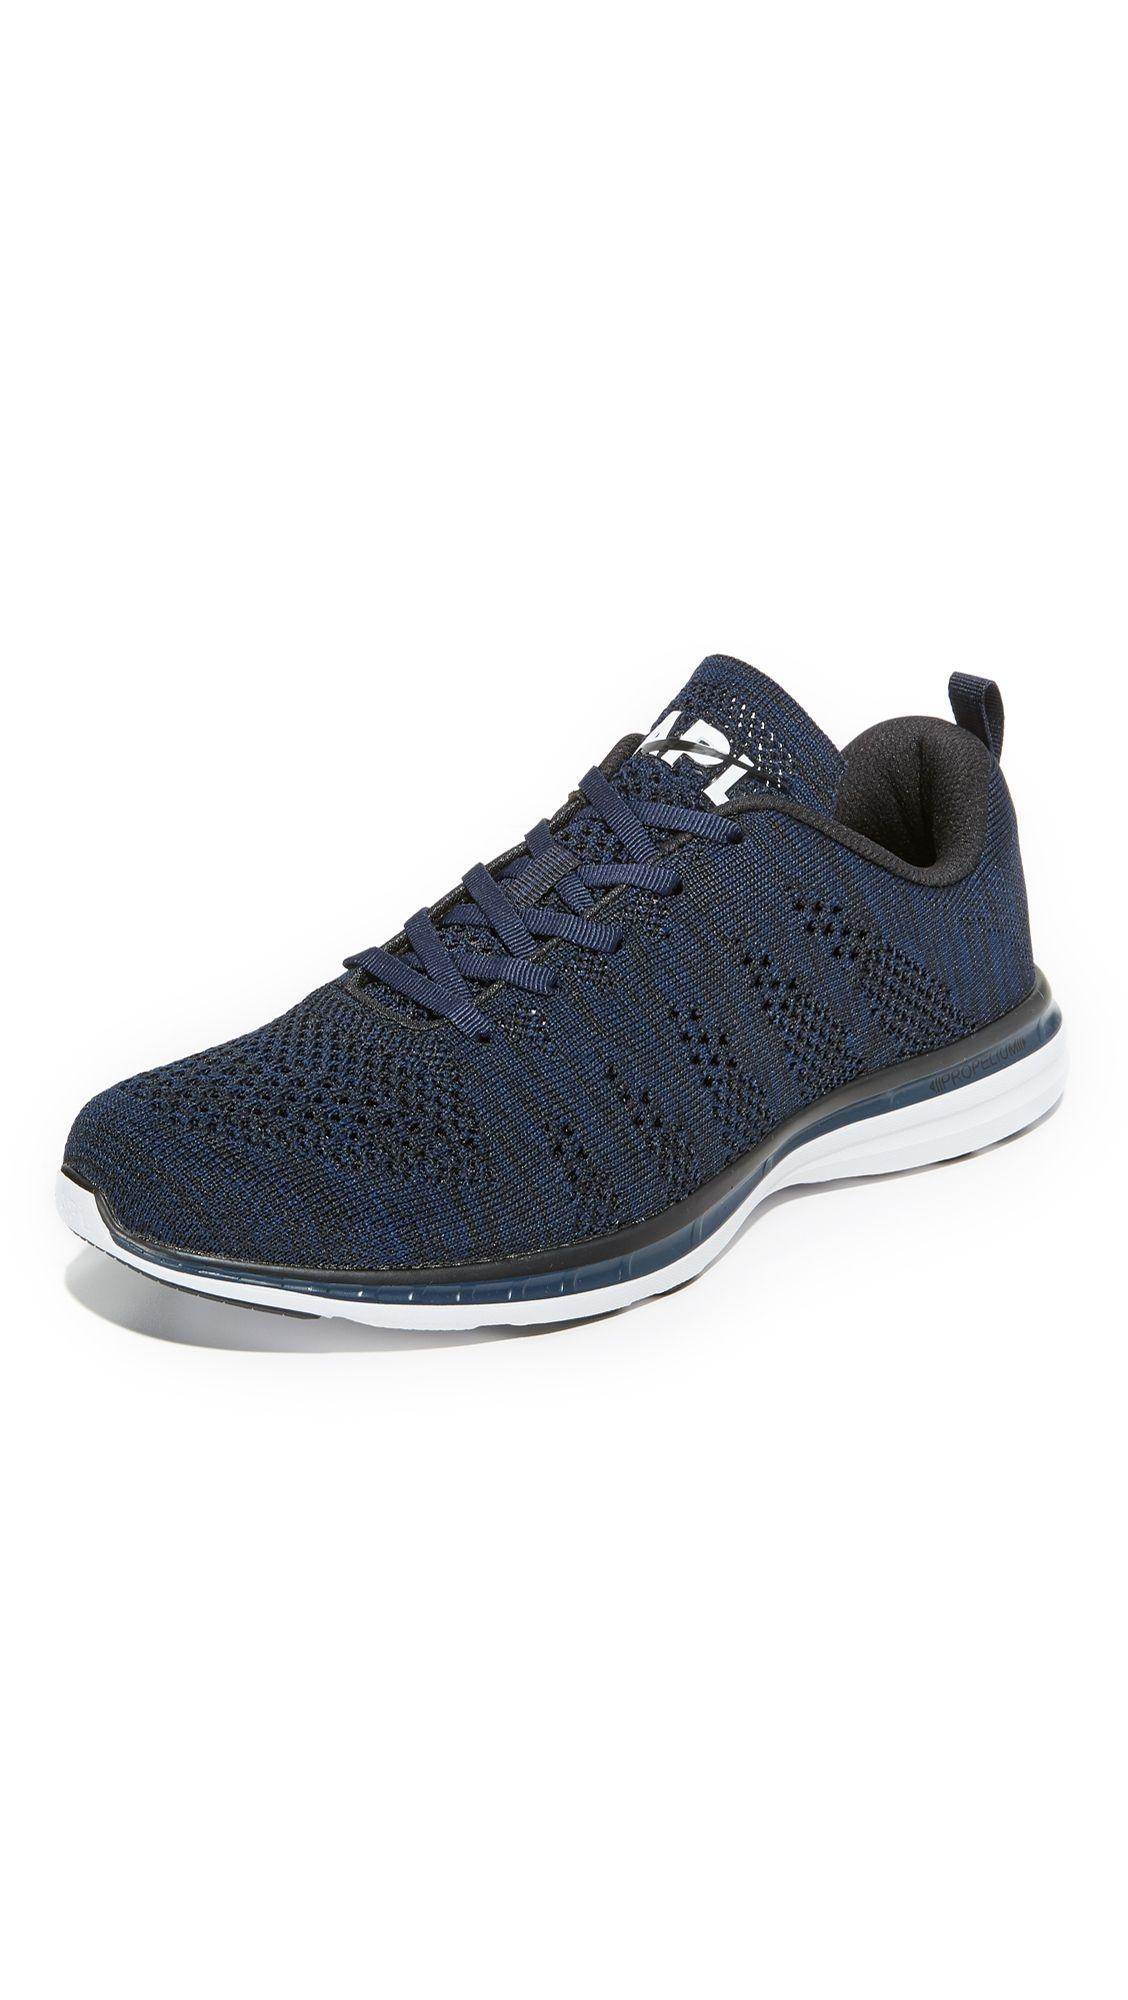 mélange lace-up sneakers - Black Athletic Propulsion Labs PKfqffJ